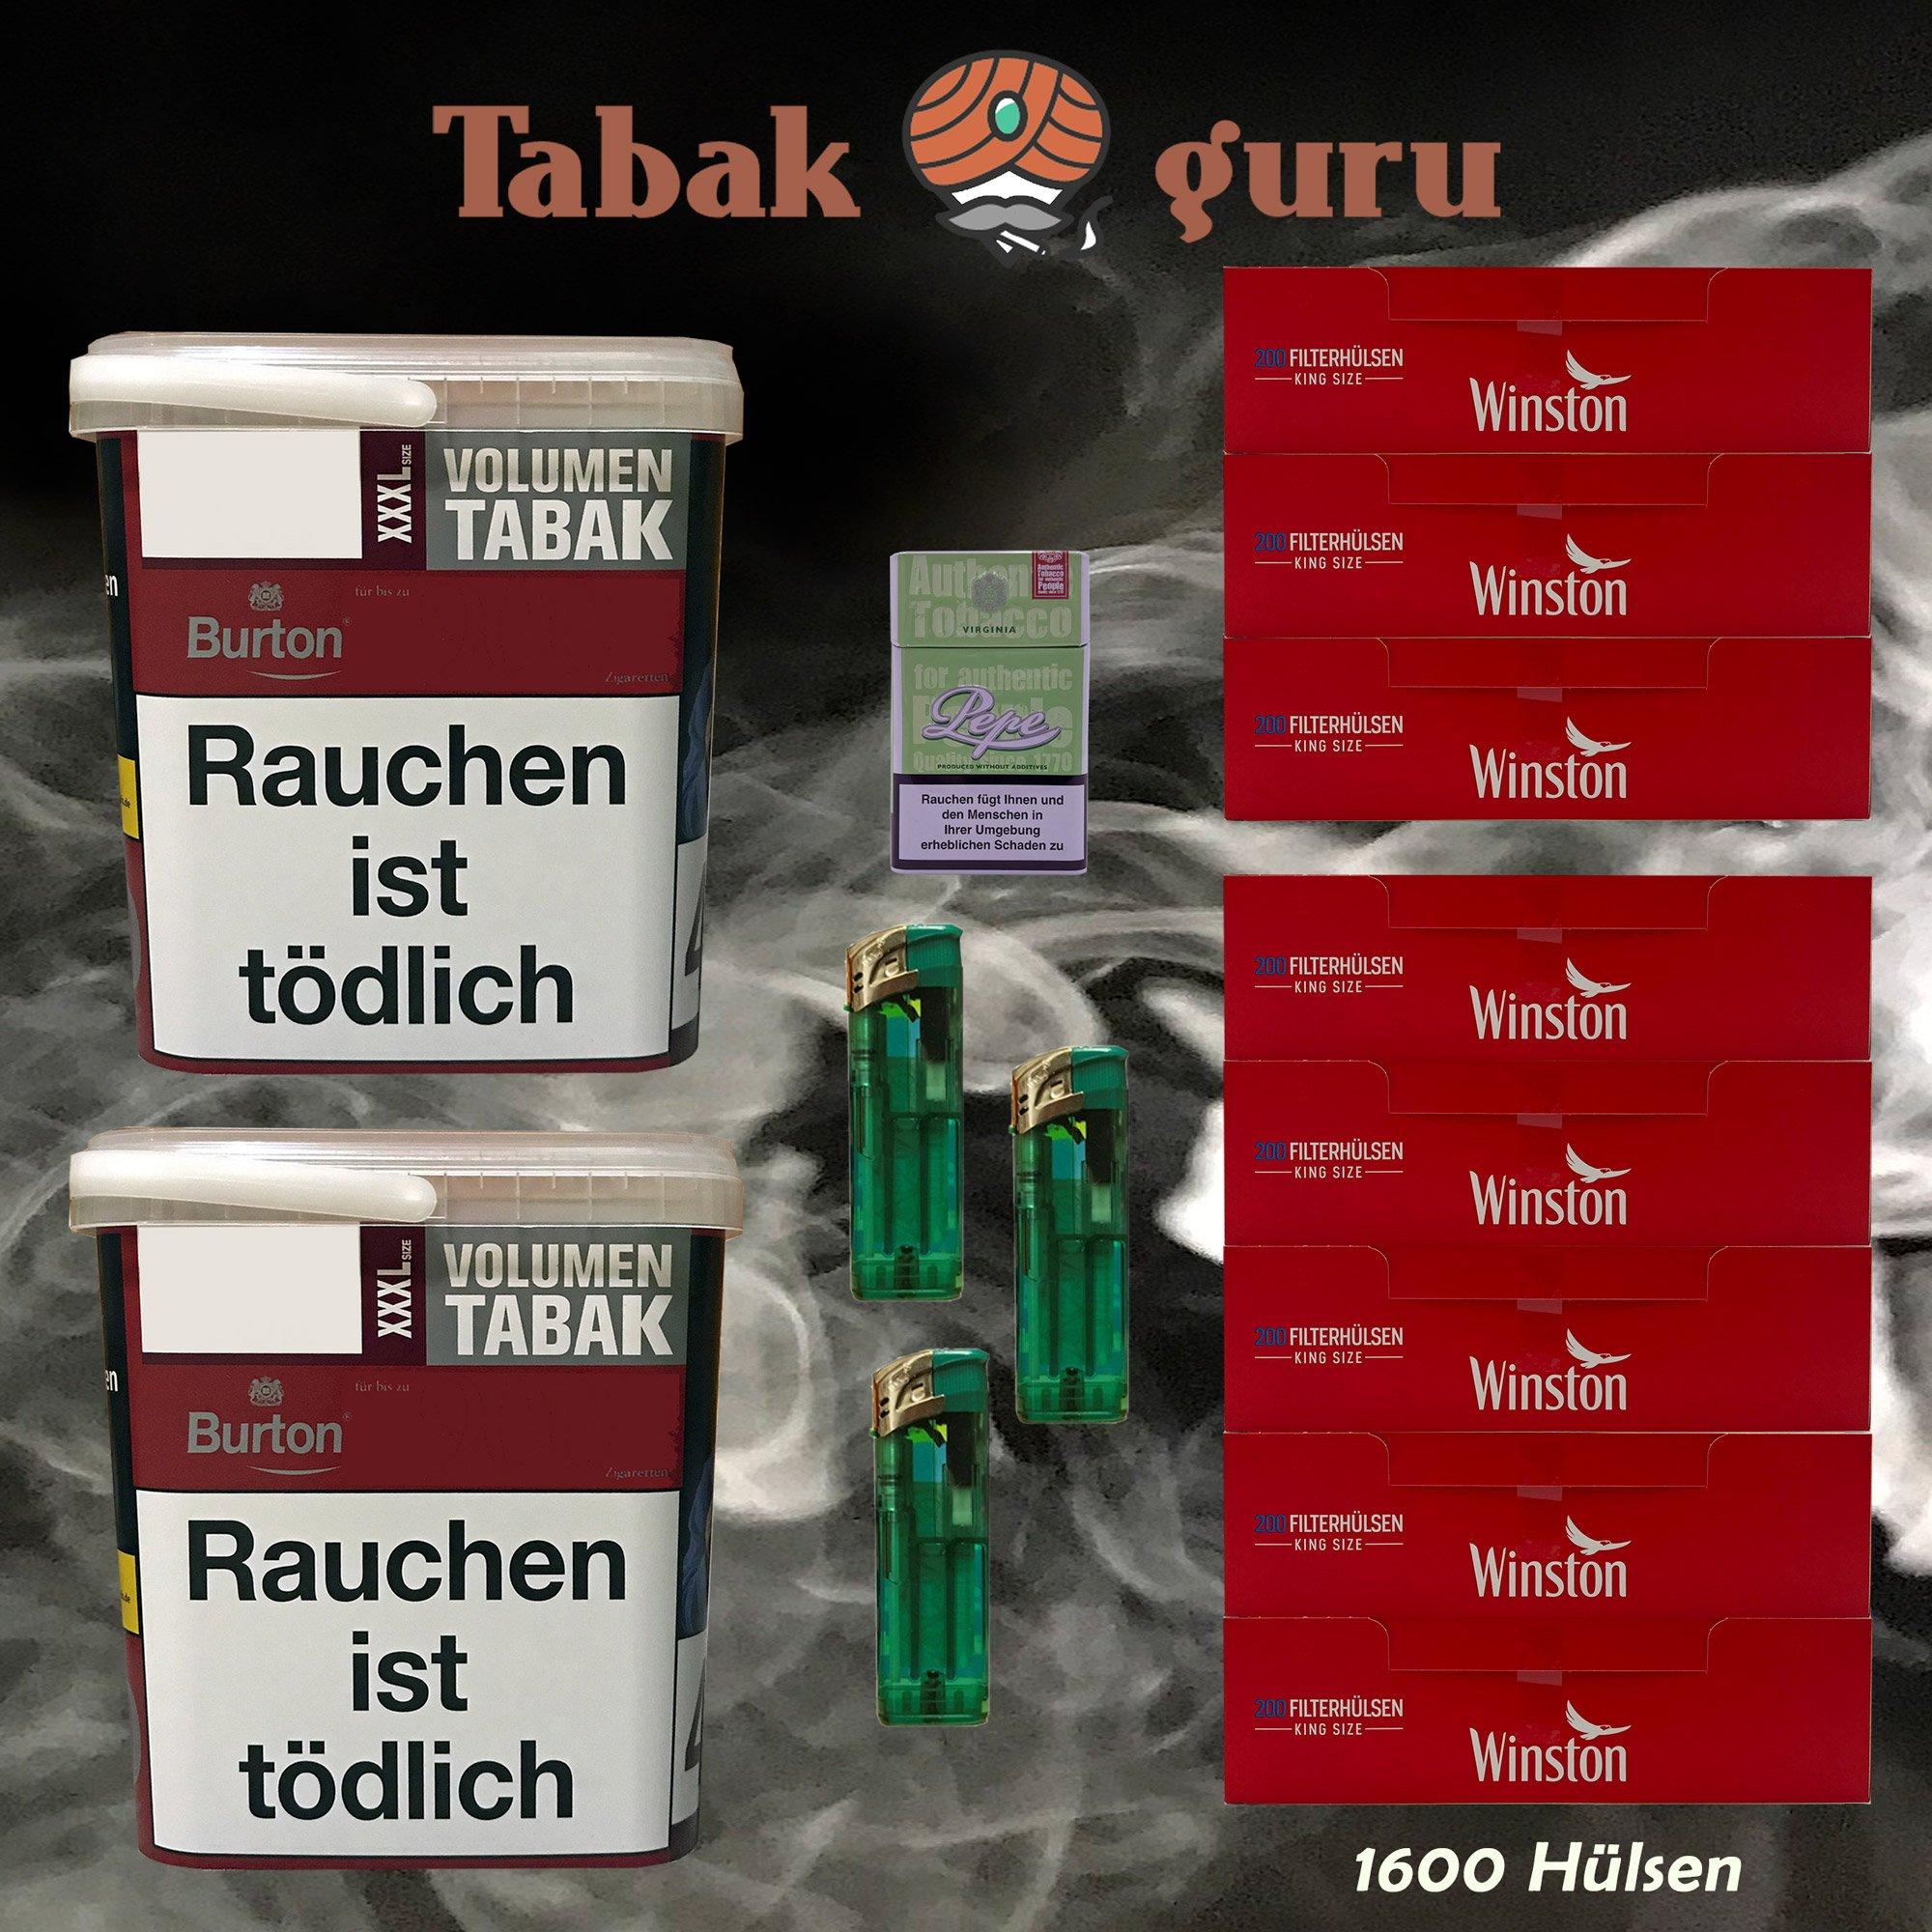 2x Burton Red Volumentabak XXXL Eimer 370g, 1600 Hülsen, Feuerz., Box